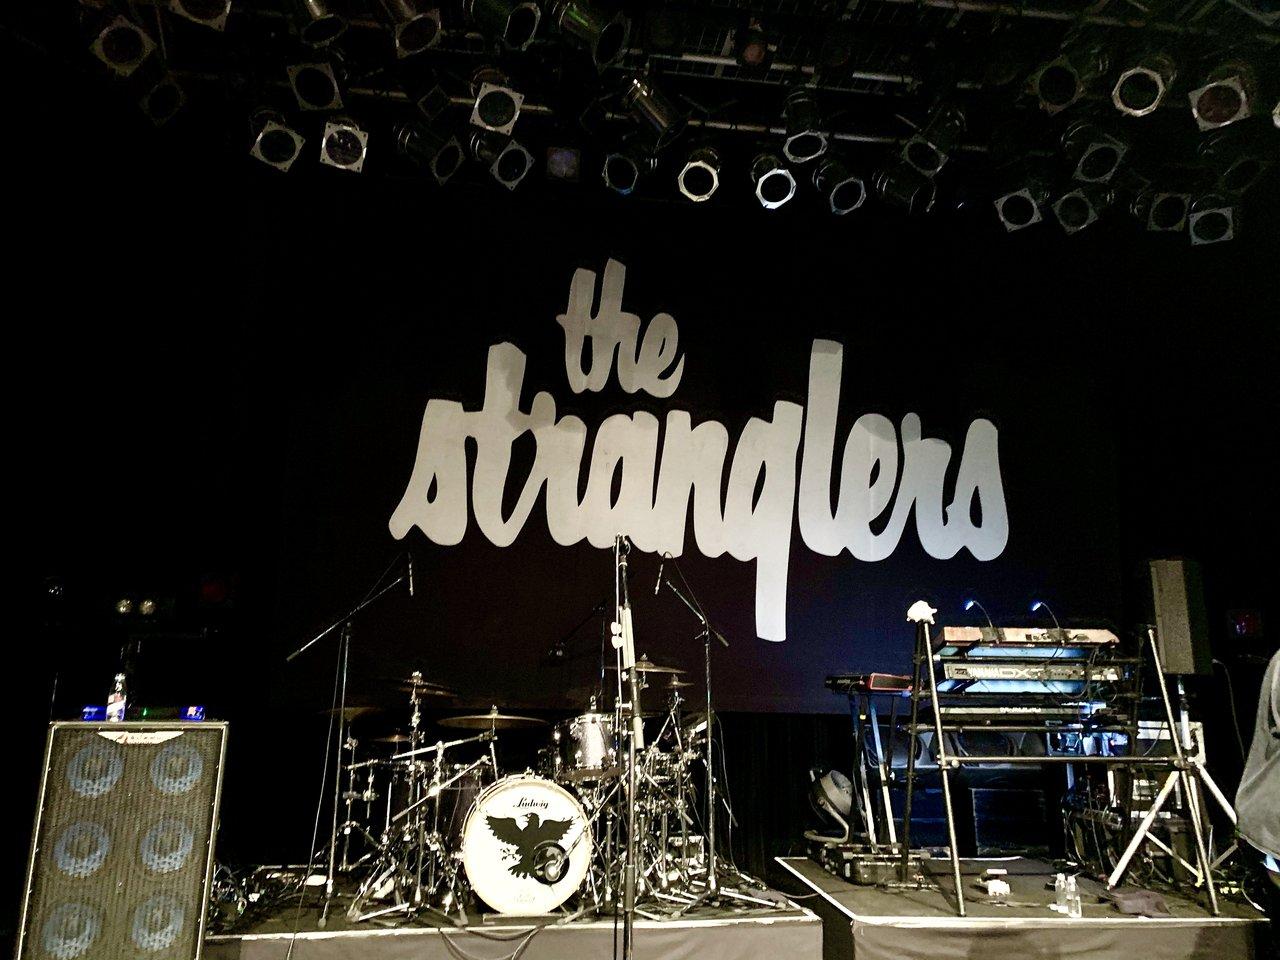 The Stranglers来日公演2019最終日レポ -全日の曲順あり- : 市川マコト ...